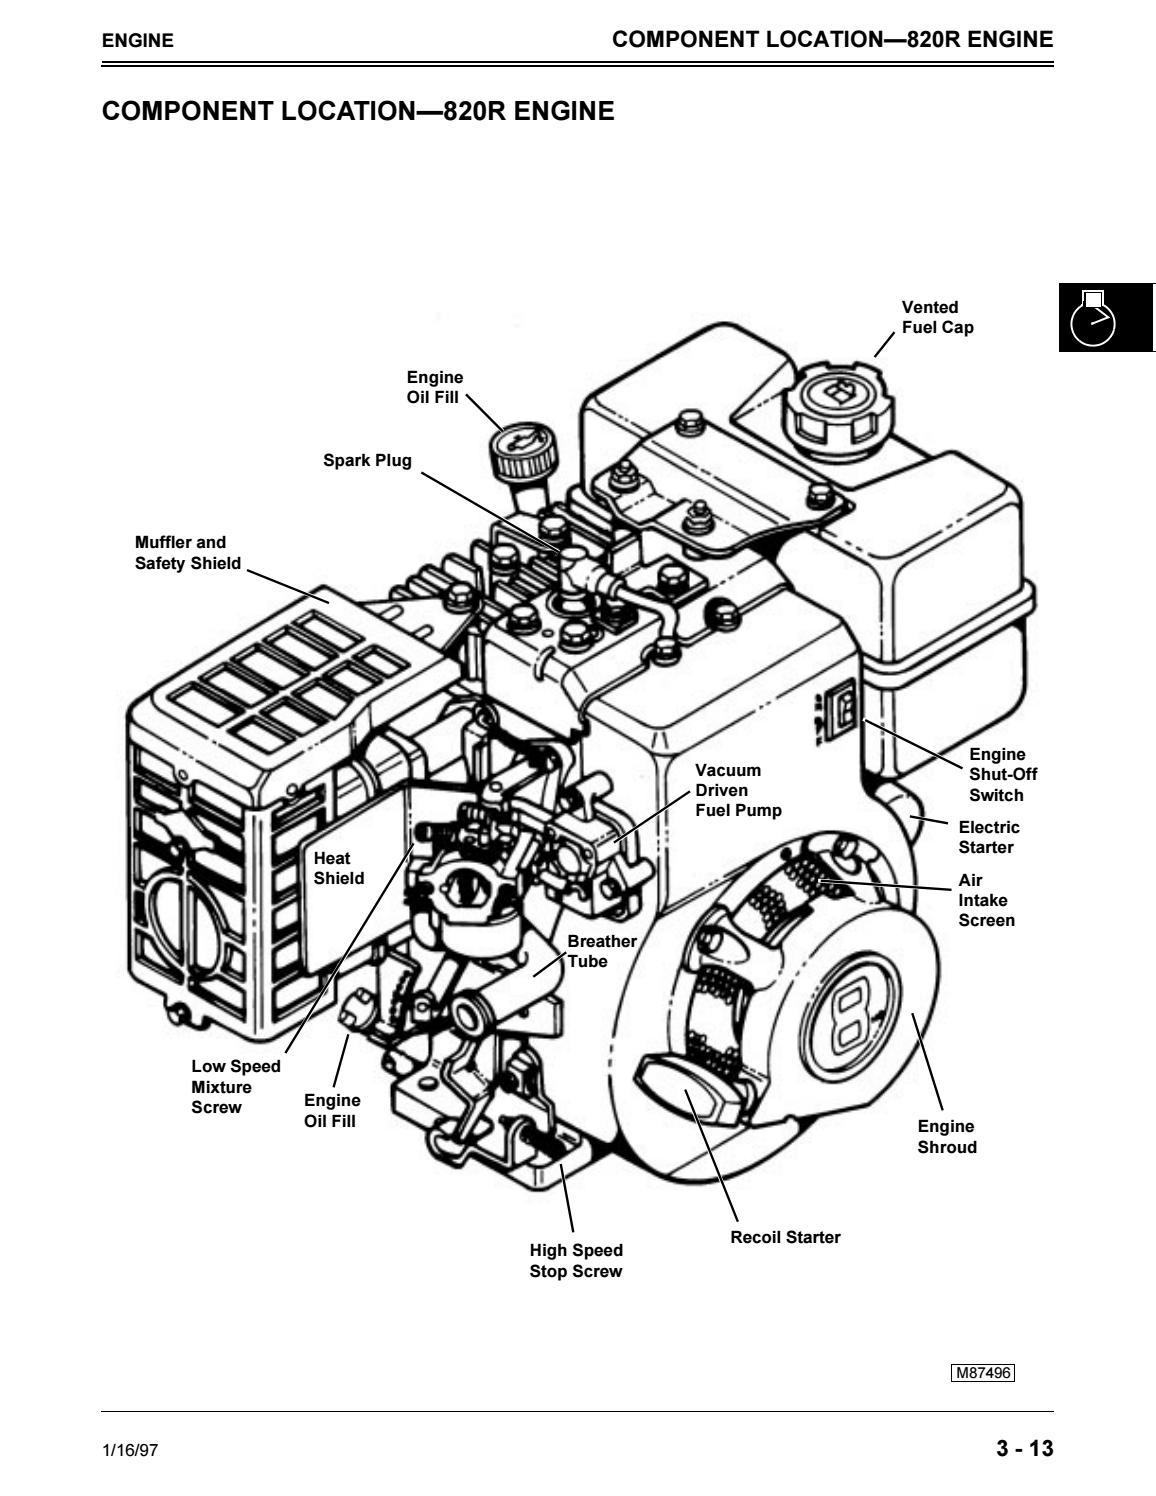 John Deere 820R Walk-Behind Tillers Service Repair Manual